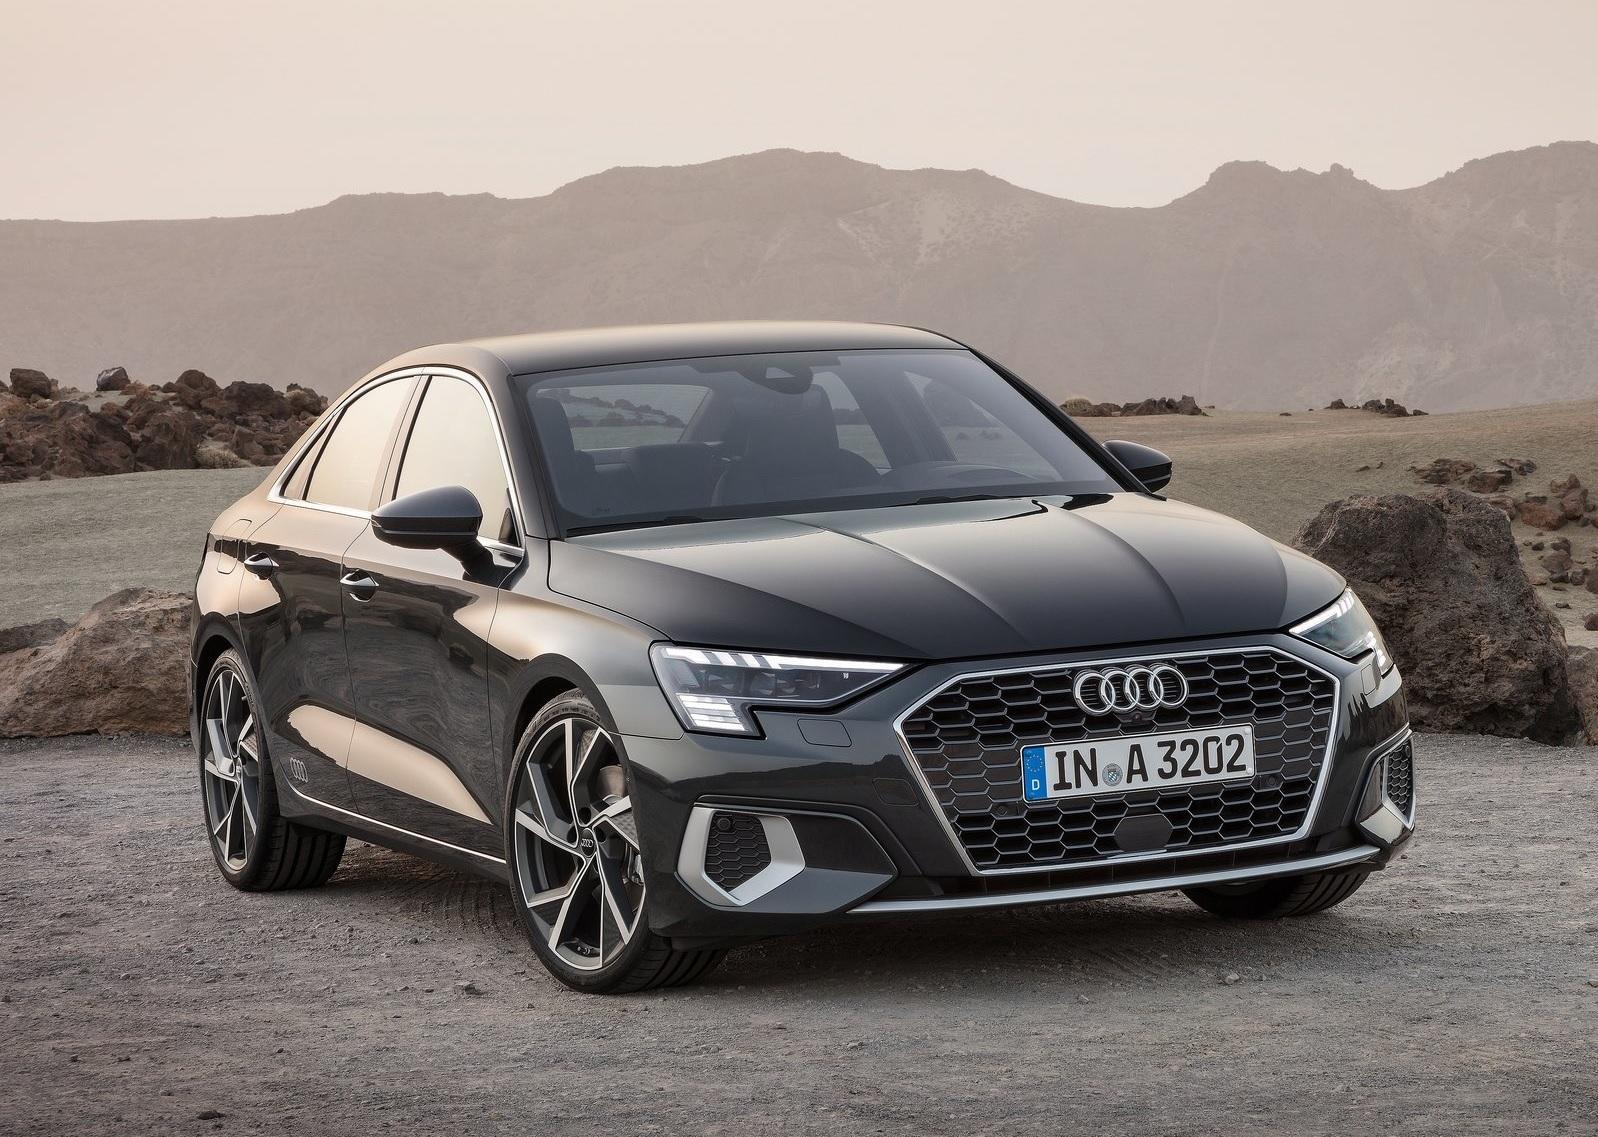 Audi A3 Sedan ganhou visual mais esportivo, elegante e imponente em sua nova geração